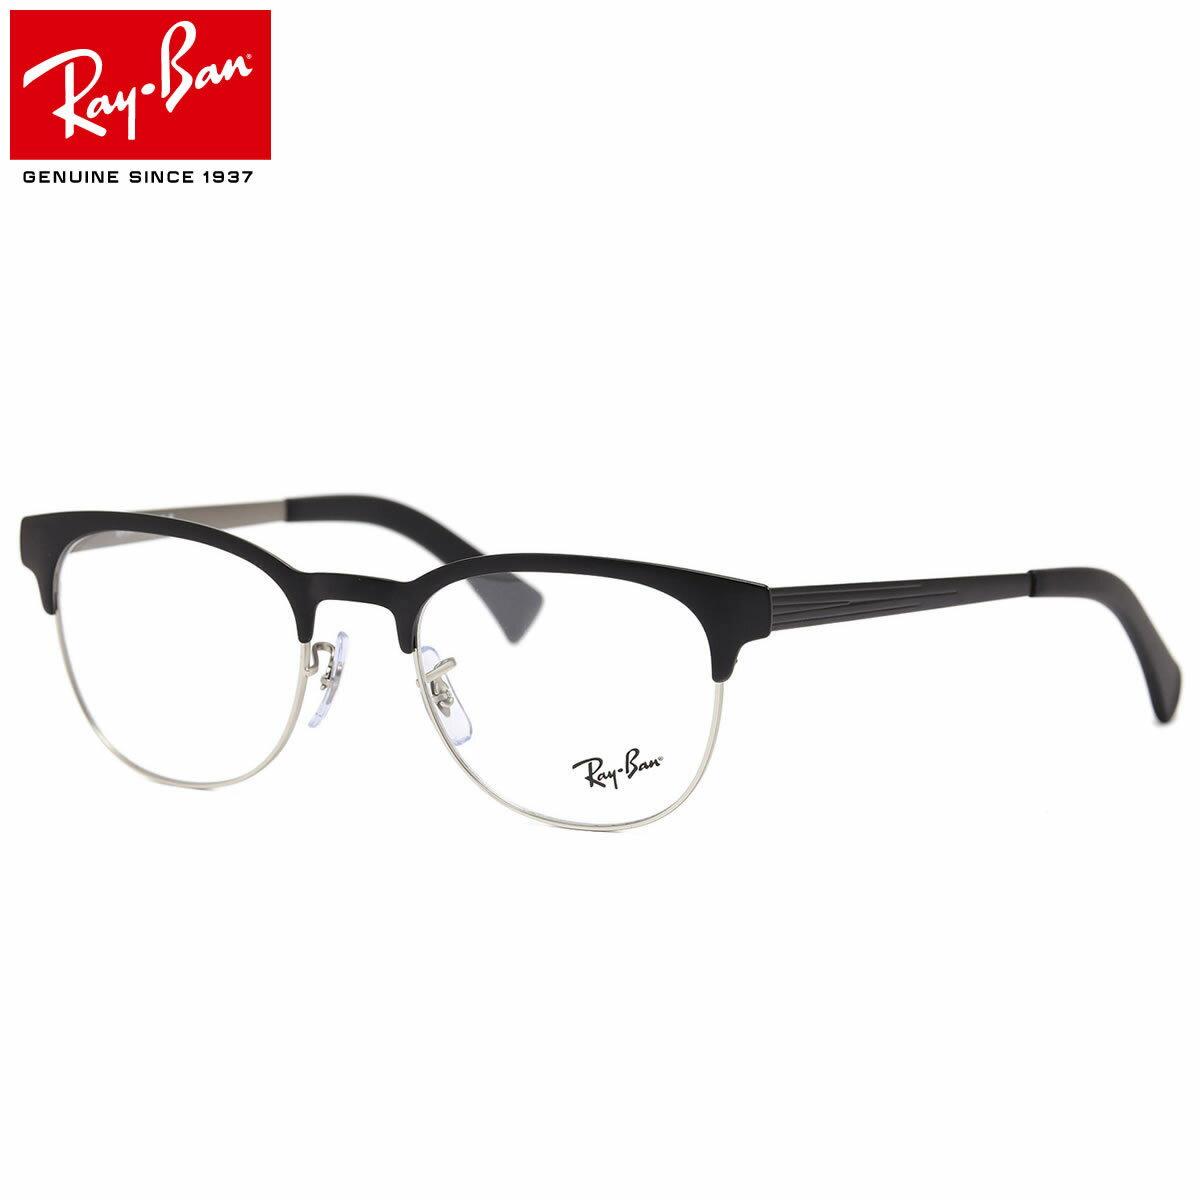 f51f50a4e6 Ray Ban Rx6317 2832